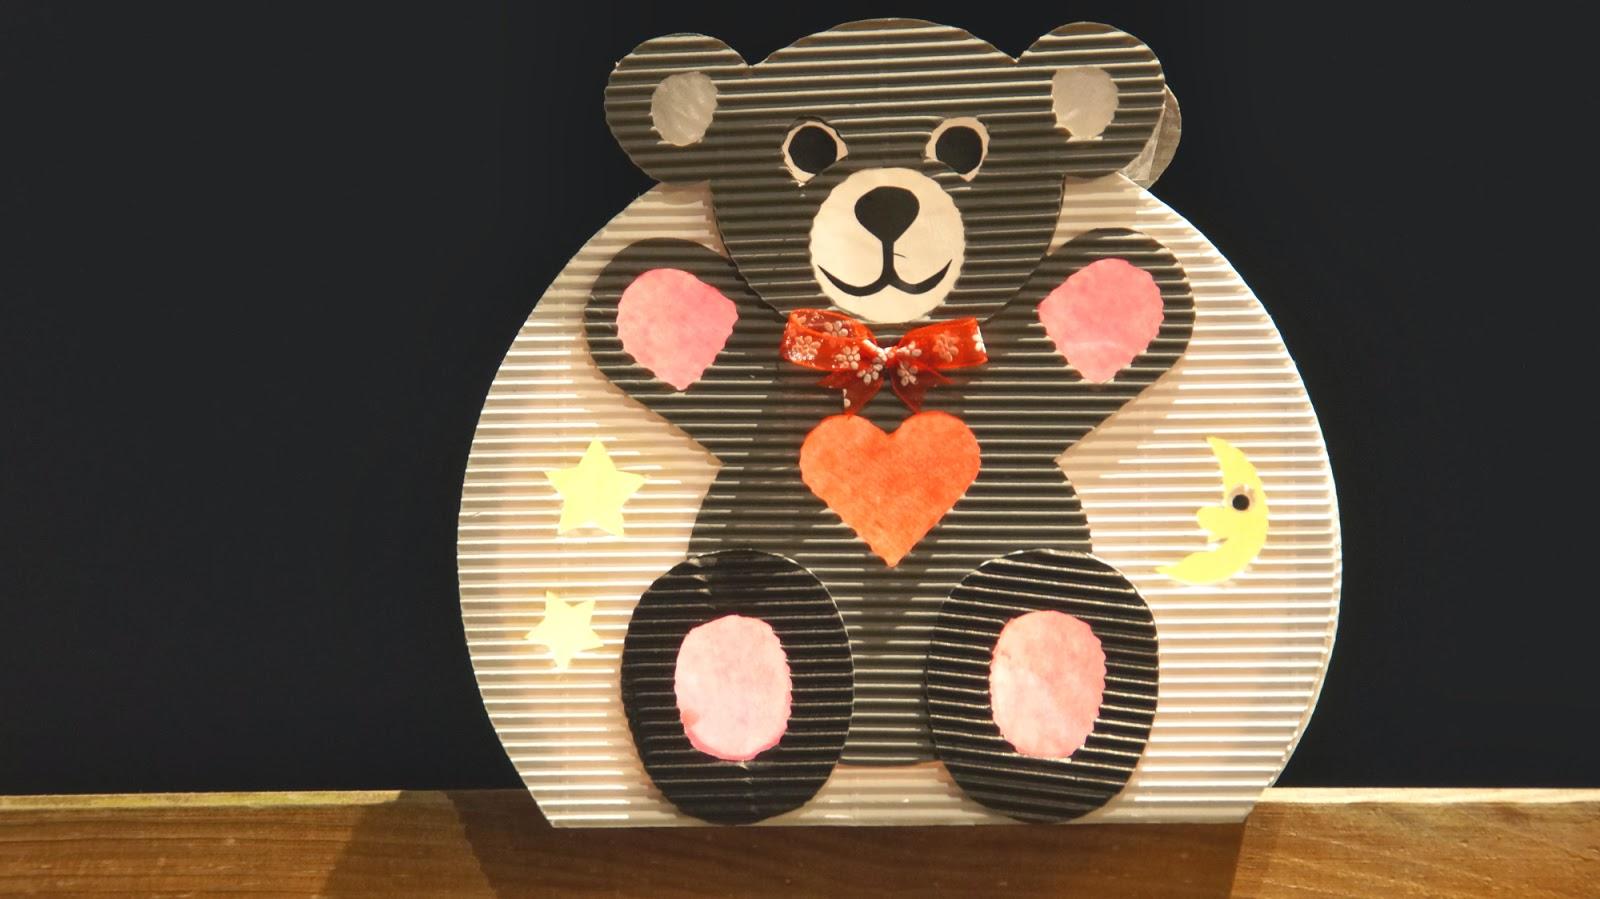 basteln und mehr laternen basteln teddyb r laterne. Black Bedroom Furniture Sets. Home Design Ideas